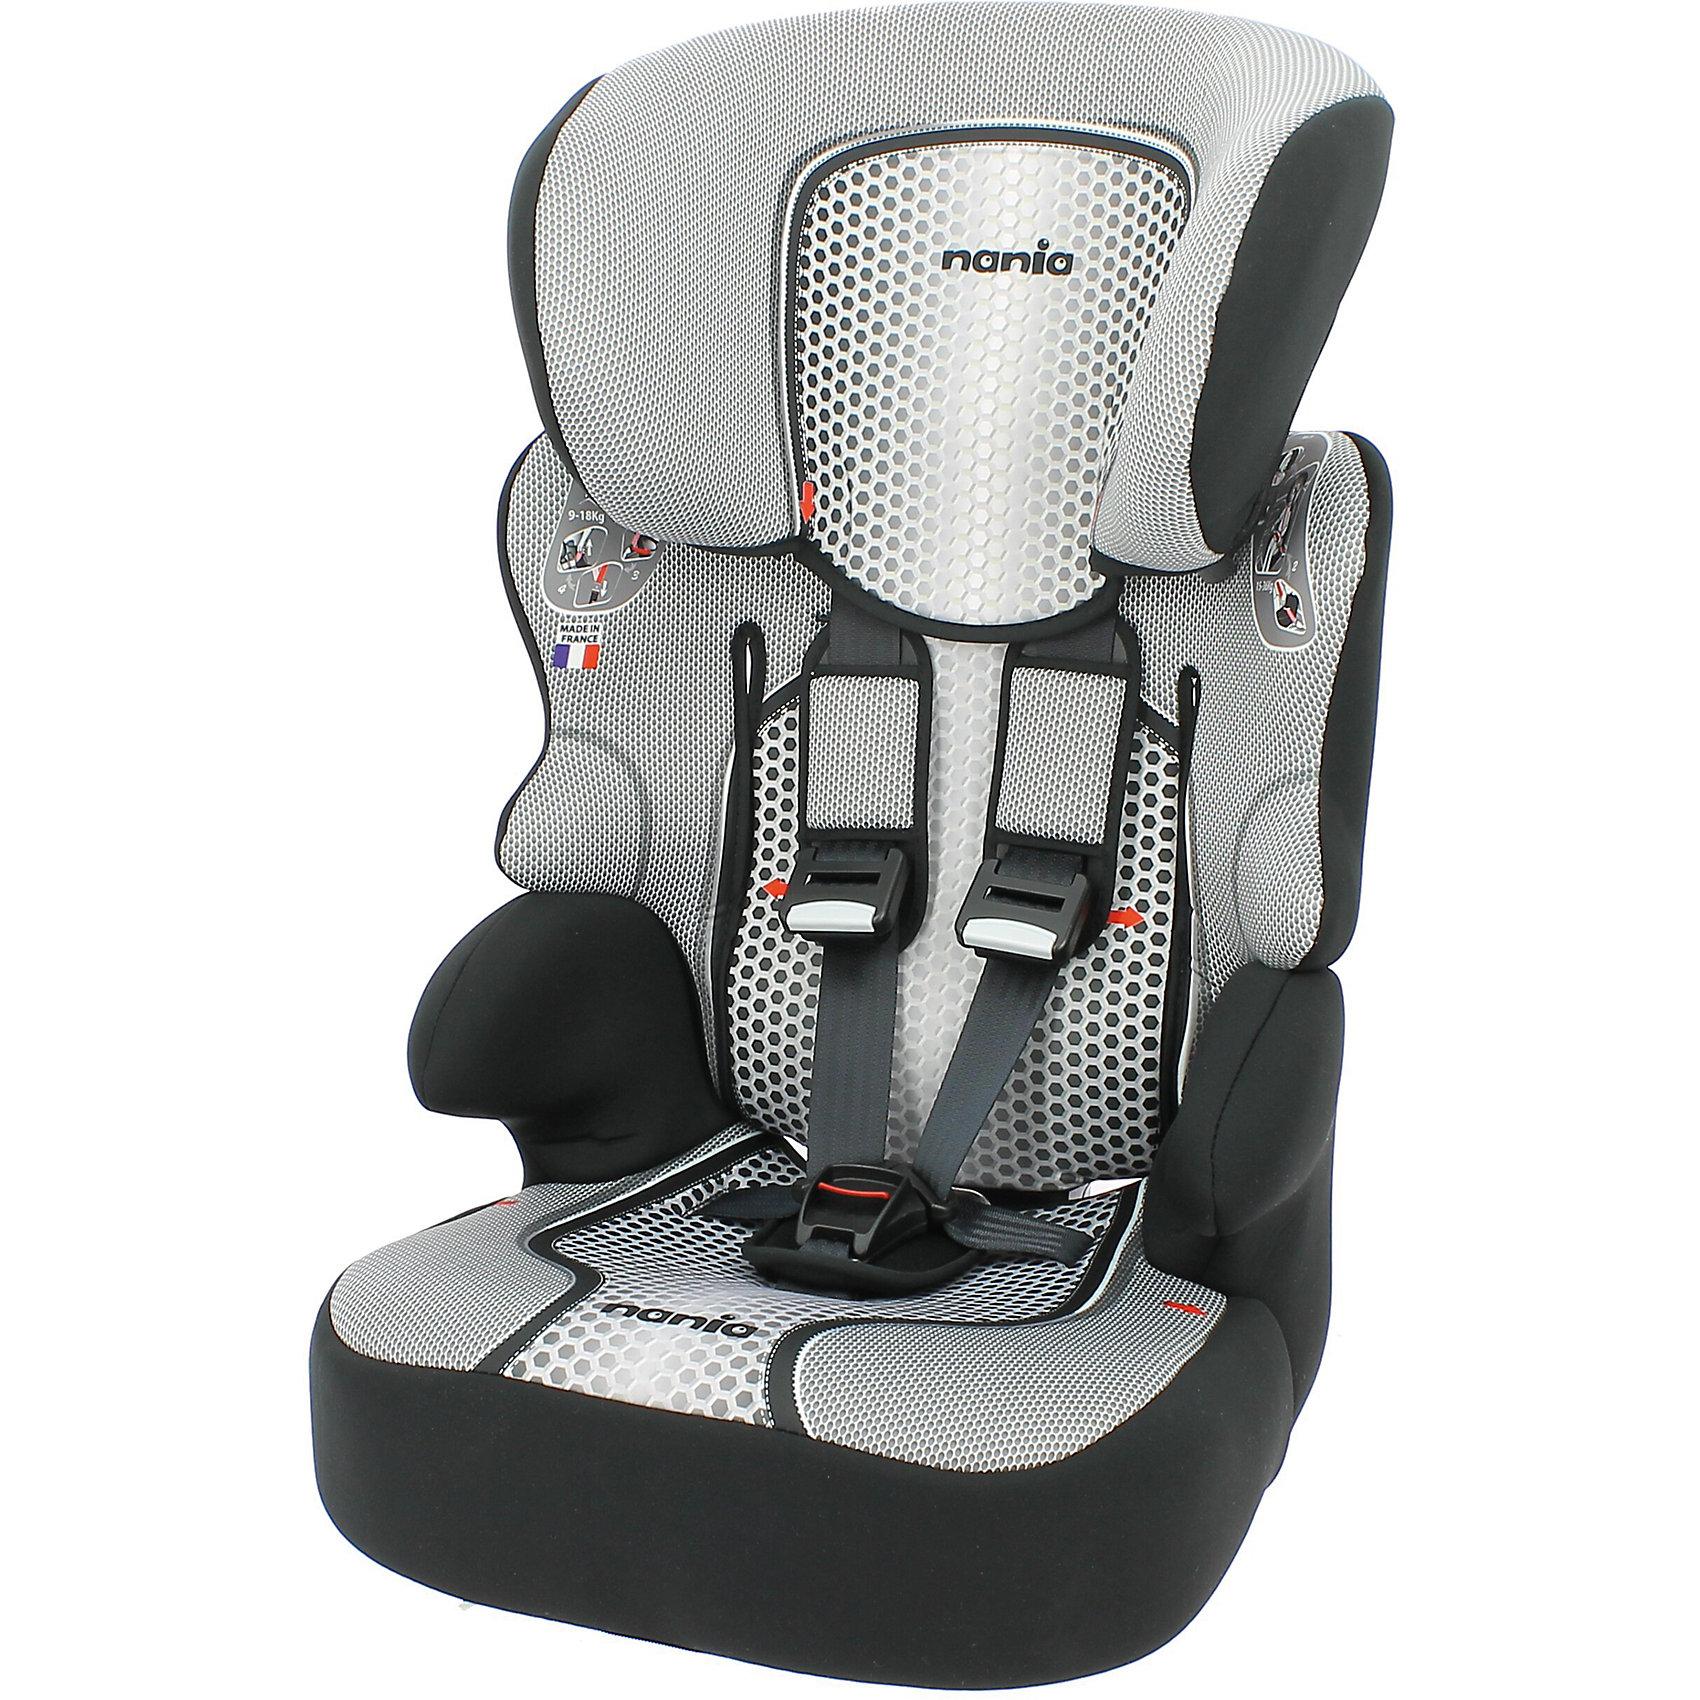 Автокресло Nania Beline SP FST 9-36 кг, pop blackГруппа 1-2-3 (От 9 до 36 кг)<br>Характеристики автокресла Nania Beline SP FST:<br><br>• группа 1-2-3;<br>• вес ребенка: 9-36 кг;<br>• возраст ребенка: от 9 месяцев до 12 лет;<br>• способ установки: по ходу движения автомобиля;<br>• способ крепления: штатными ремнями безопасности автомобиля;<br>• 5-ти точечные ремни безопасности с мягкими накладками, регулируются по высоте (3 положения) и длине;<br>• имеются подлокотники;<br>• регулируемая высота подголовника: 6 положений;<br>• дополнительная защита от боковых ударов, система SP (side protection);<br>• функция бустера: спинка снимается, остается только креслице для ребенка, вес которого находится в пределах 22-36 кг;<br>• съемные чехлы, стирка при температуре 30 градусов;<br>• материал: пластик, полиэстер;<br>• стандарт безопасности: ЕСЕ R44/04.<br><br>Размер автокресла: 47x44x68/79 см<br>Размер сиденья: 34х27 см<br>Высота спинки: 61-72 см<br>Вес автокресла: 3,9 кг<br><br>Автокресло Beline SP FST 9-36 кг., Nania, pop black можно купить в нашем интернет-магазине.<br><br>Ширина мм: 710<br>Глубина мм: 500<br>Высота мм: 450<br>Вес г: 10520<br>Возраст от месяцев: 9<br>Возраст до месяцев: 144<br>Пол: Унисекс<br>Возраст: Детский<br>SKU: 5287300